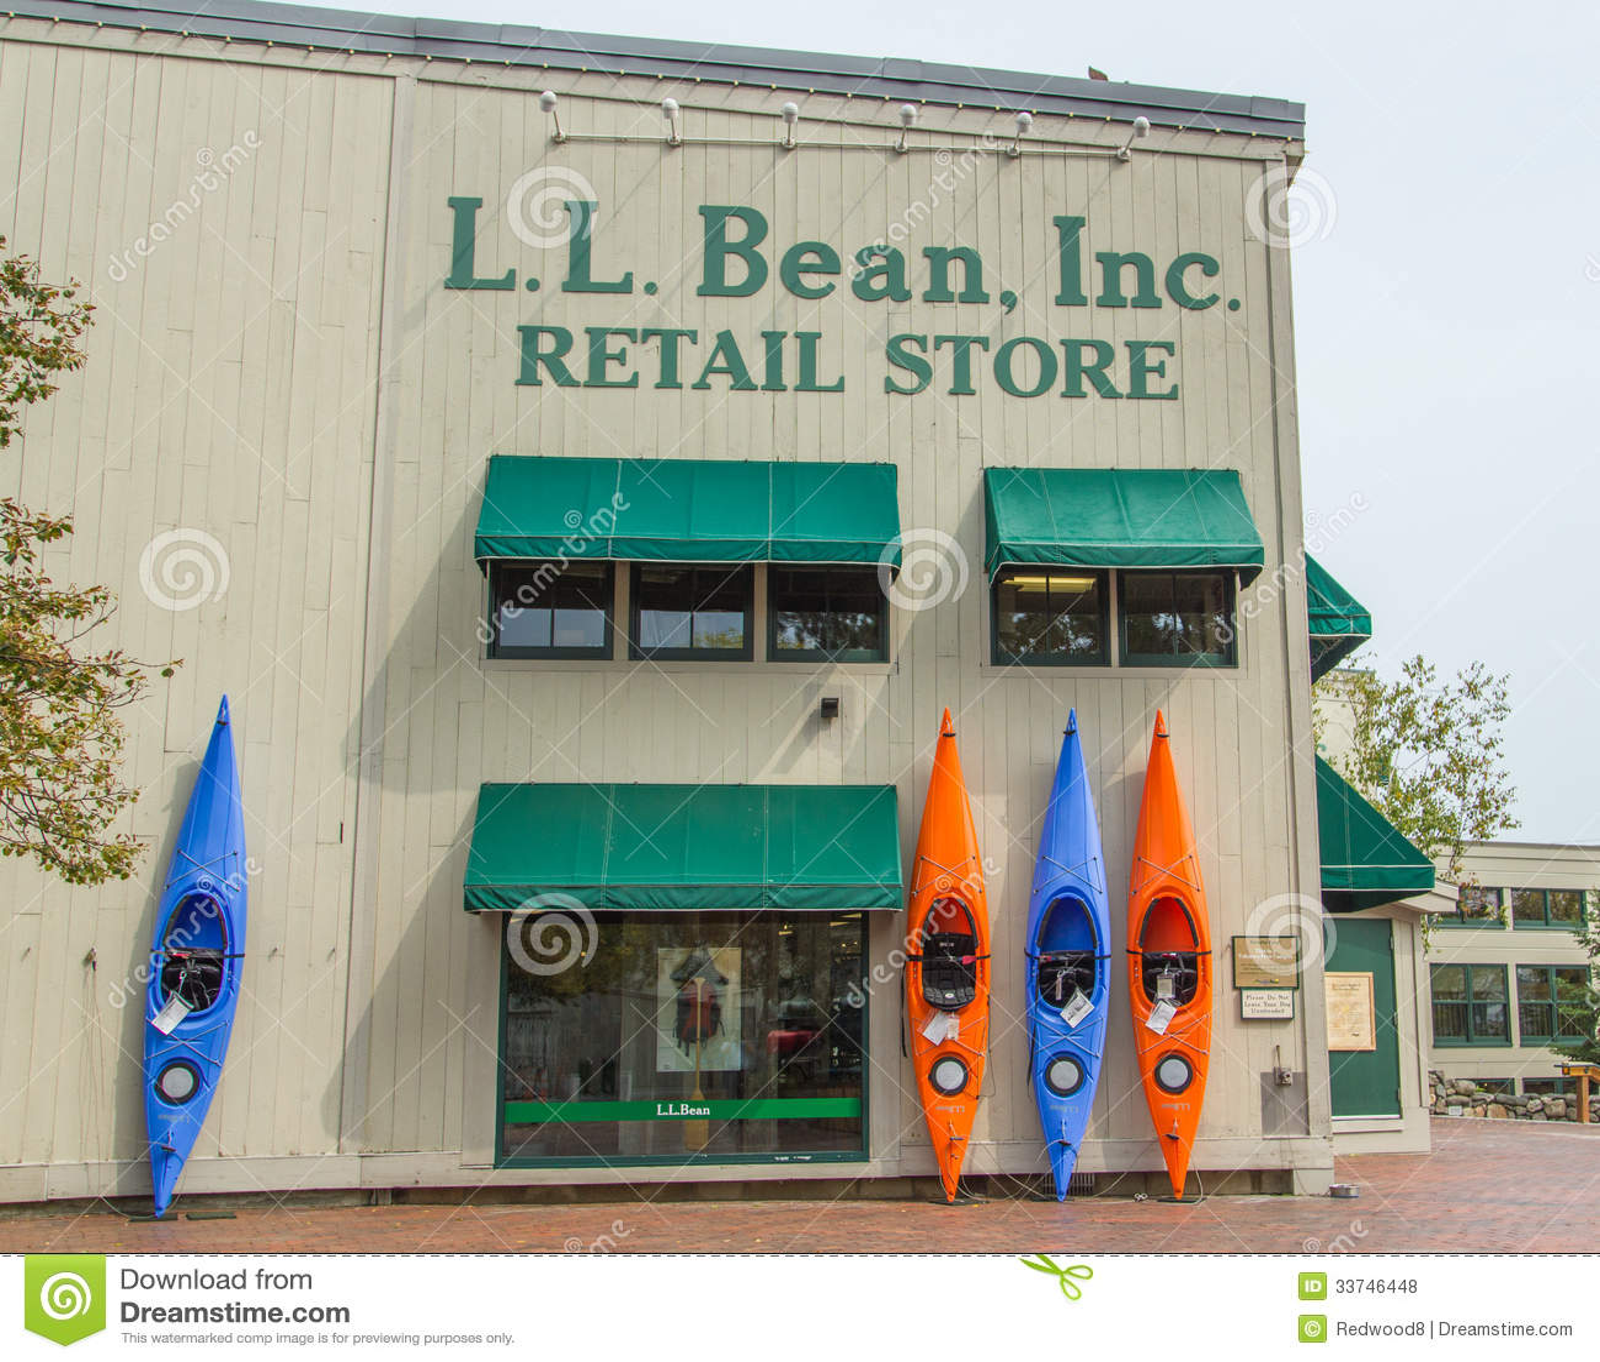 L.L. Bean Retail Store